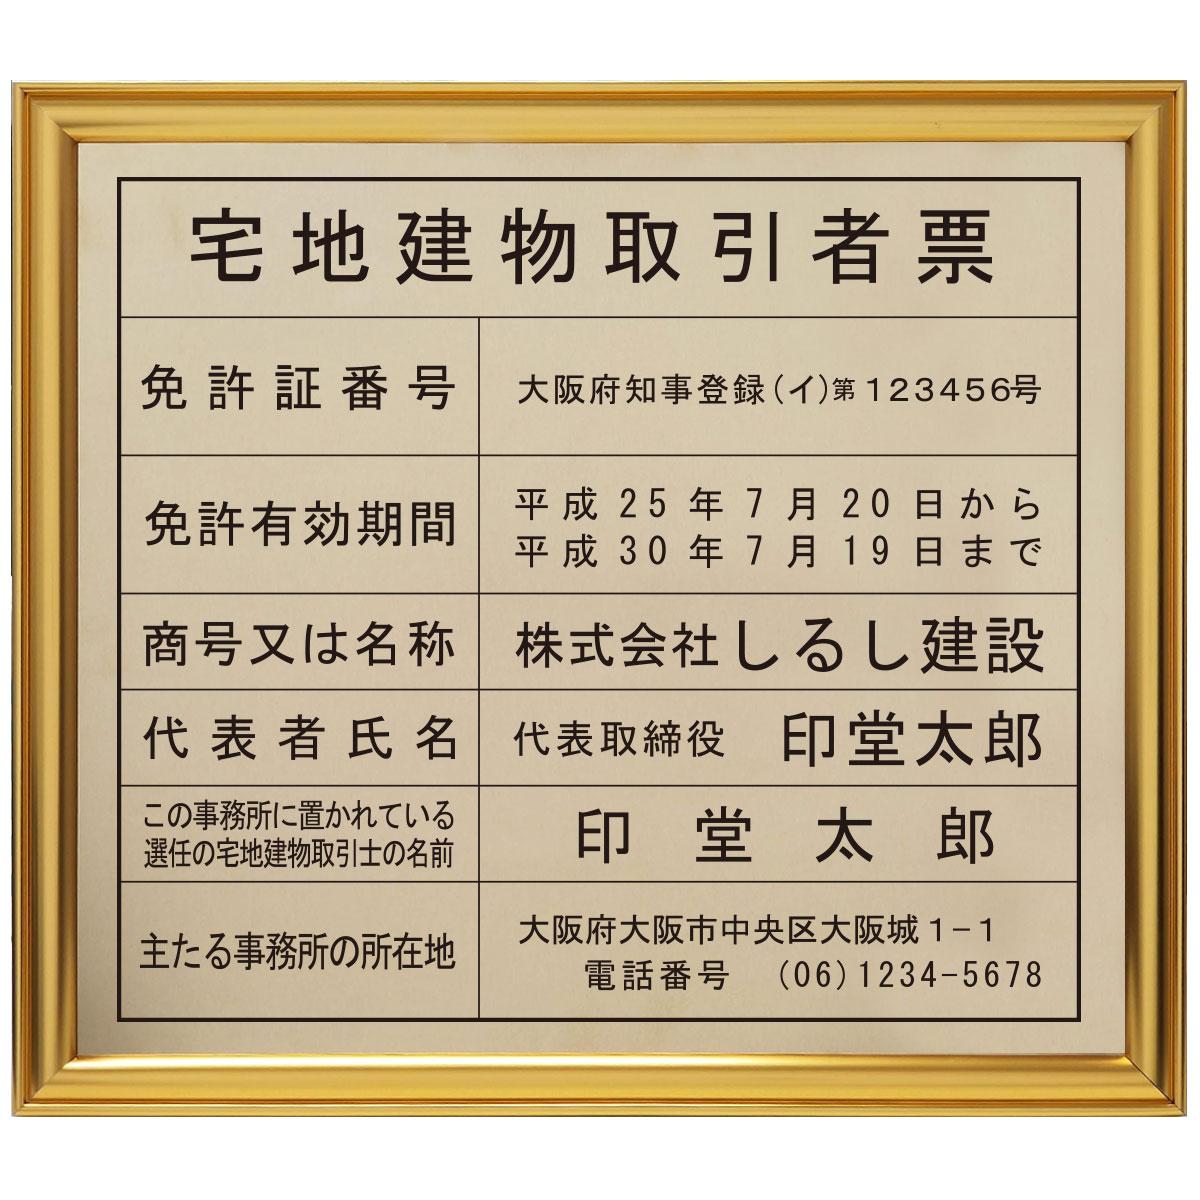 宅地建物取引業者登録票真鍮(C2801)製プレミアムゴールド/送料無料 店舗 事務所用看板 文字入れ 名入れ 別注品 特注品 看板 法定看板 許可票 建設業の許可票